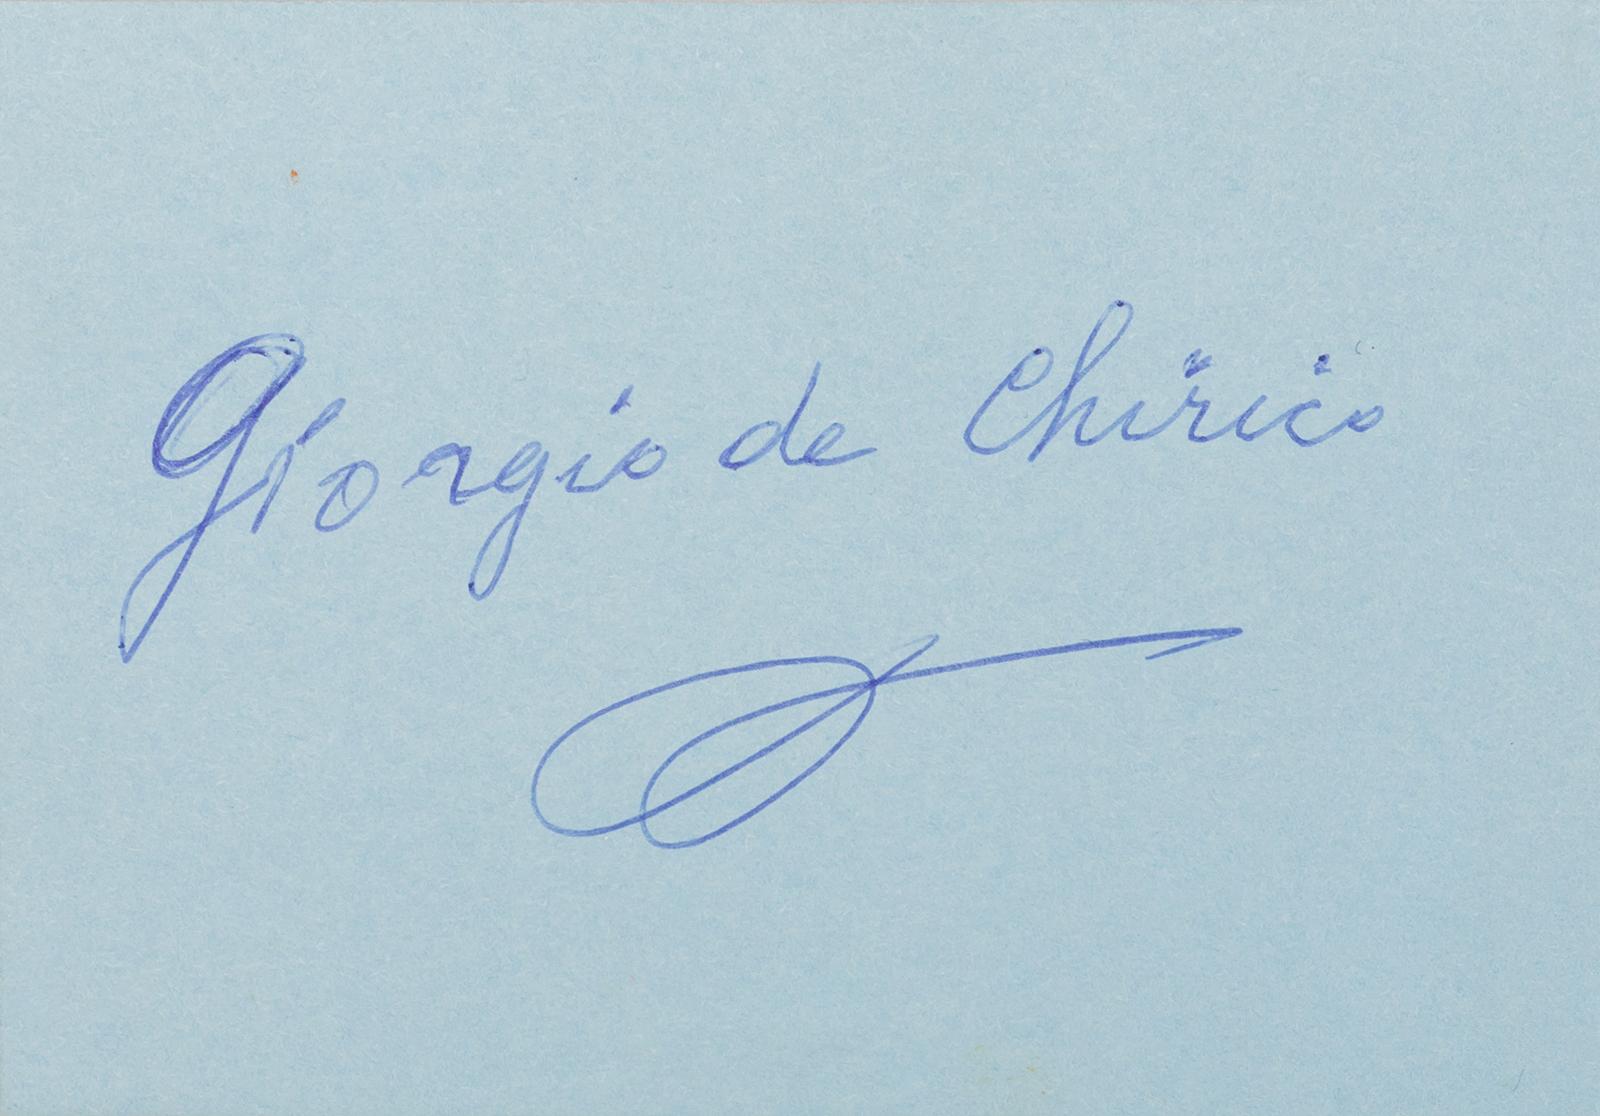 DE CHIRICO, Giorgio (Autograph)